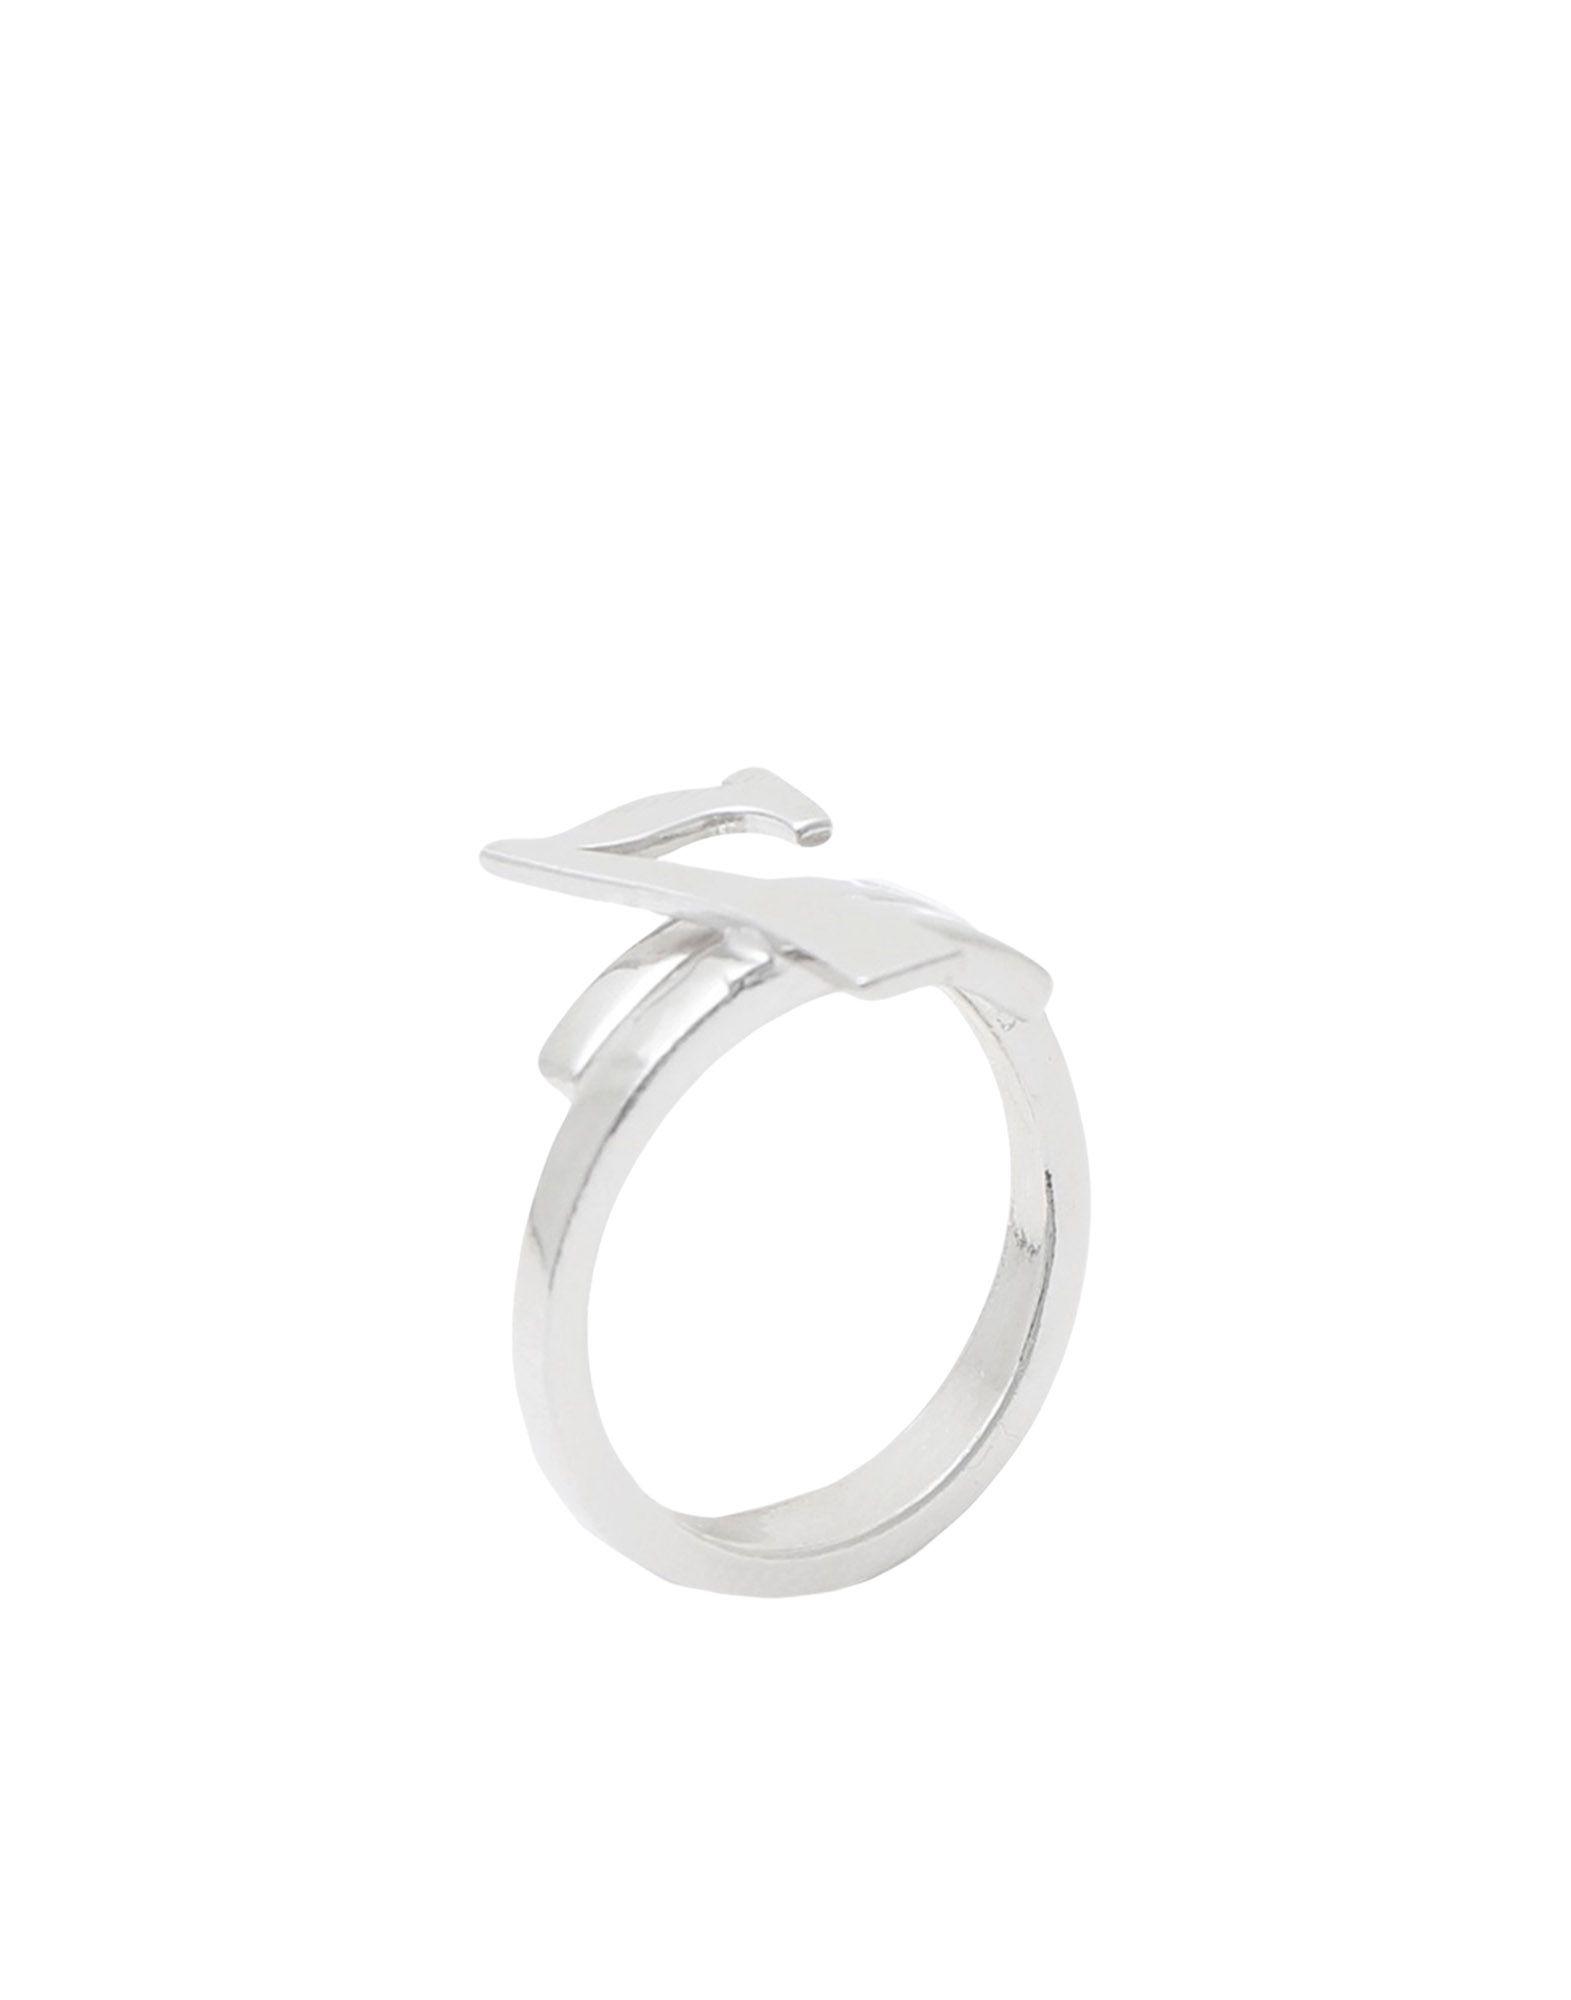 《セール開催中》FIRST PEOPLE FIRST レディース 指輪 シルバー one size シルバー925/1000 ROXY